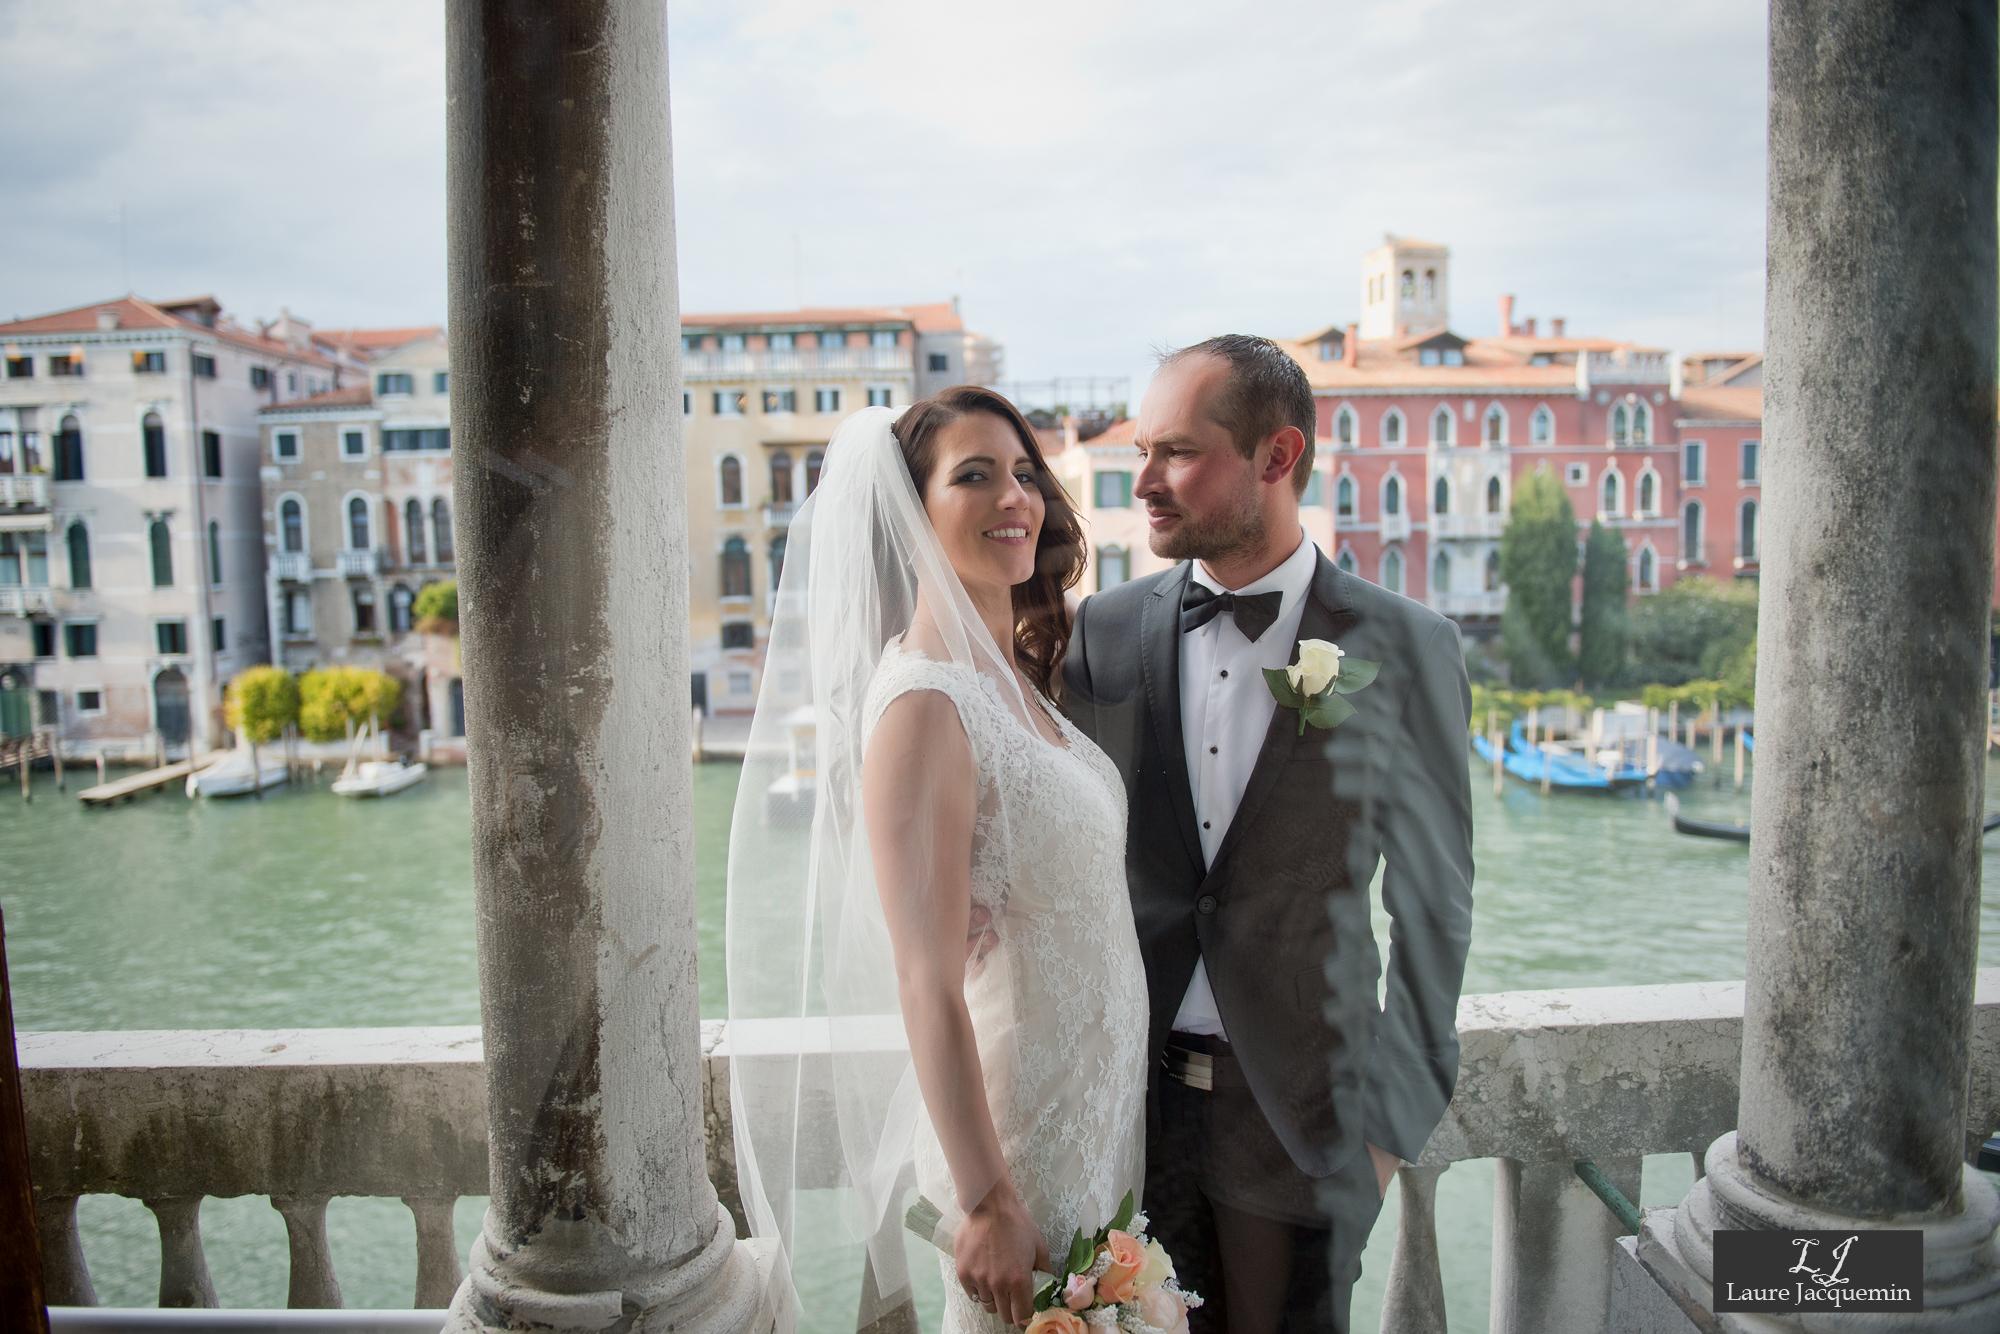 photographe mariage laure jacquemin palazzo cavalli service photographique (46)